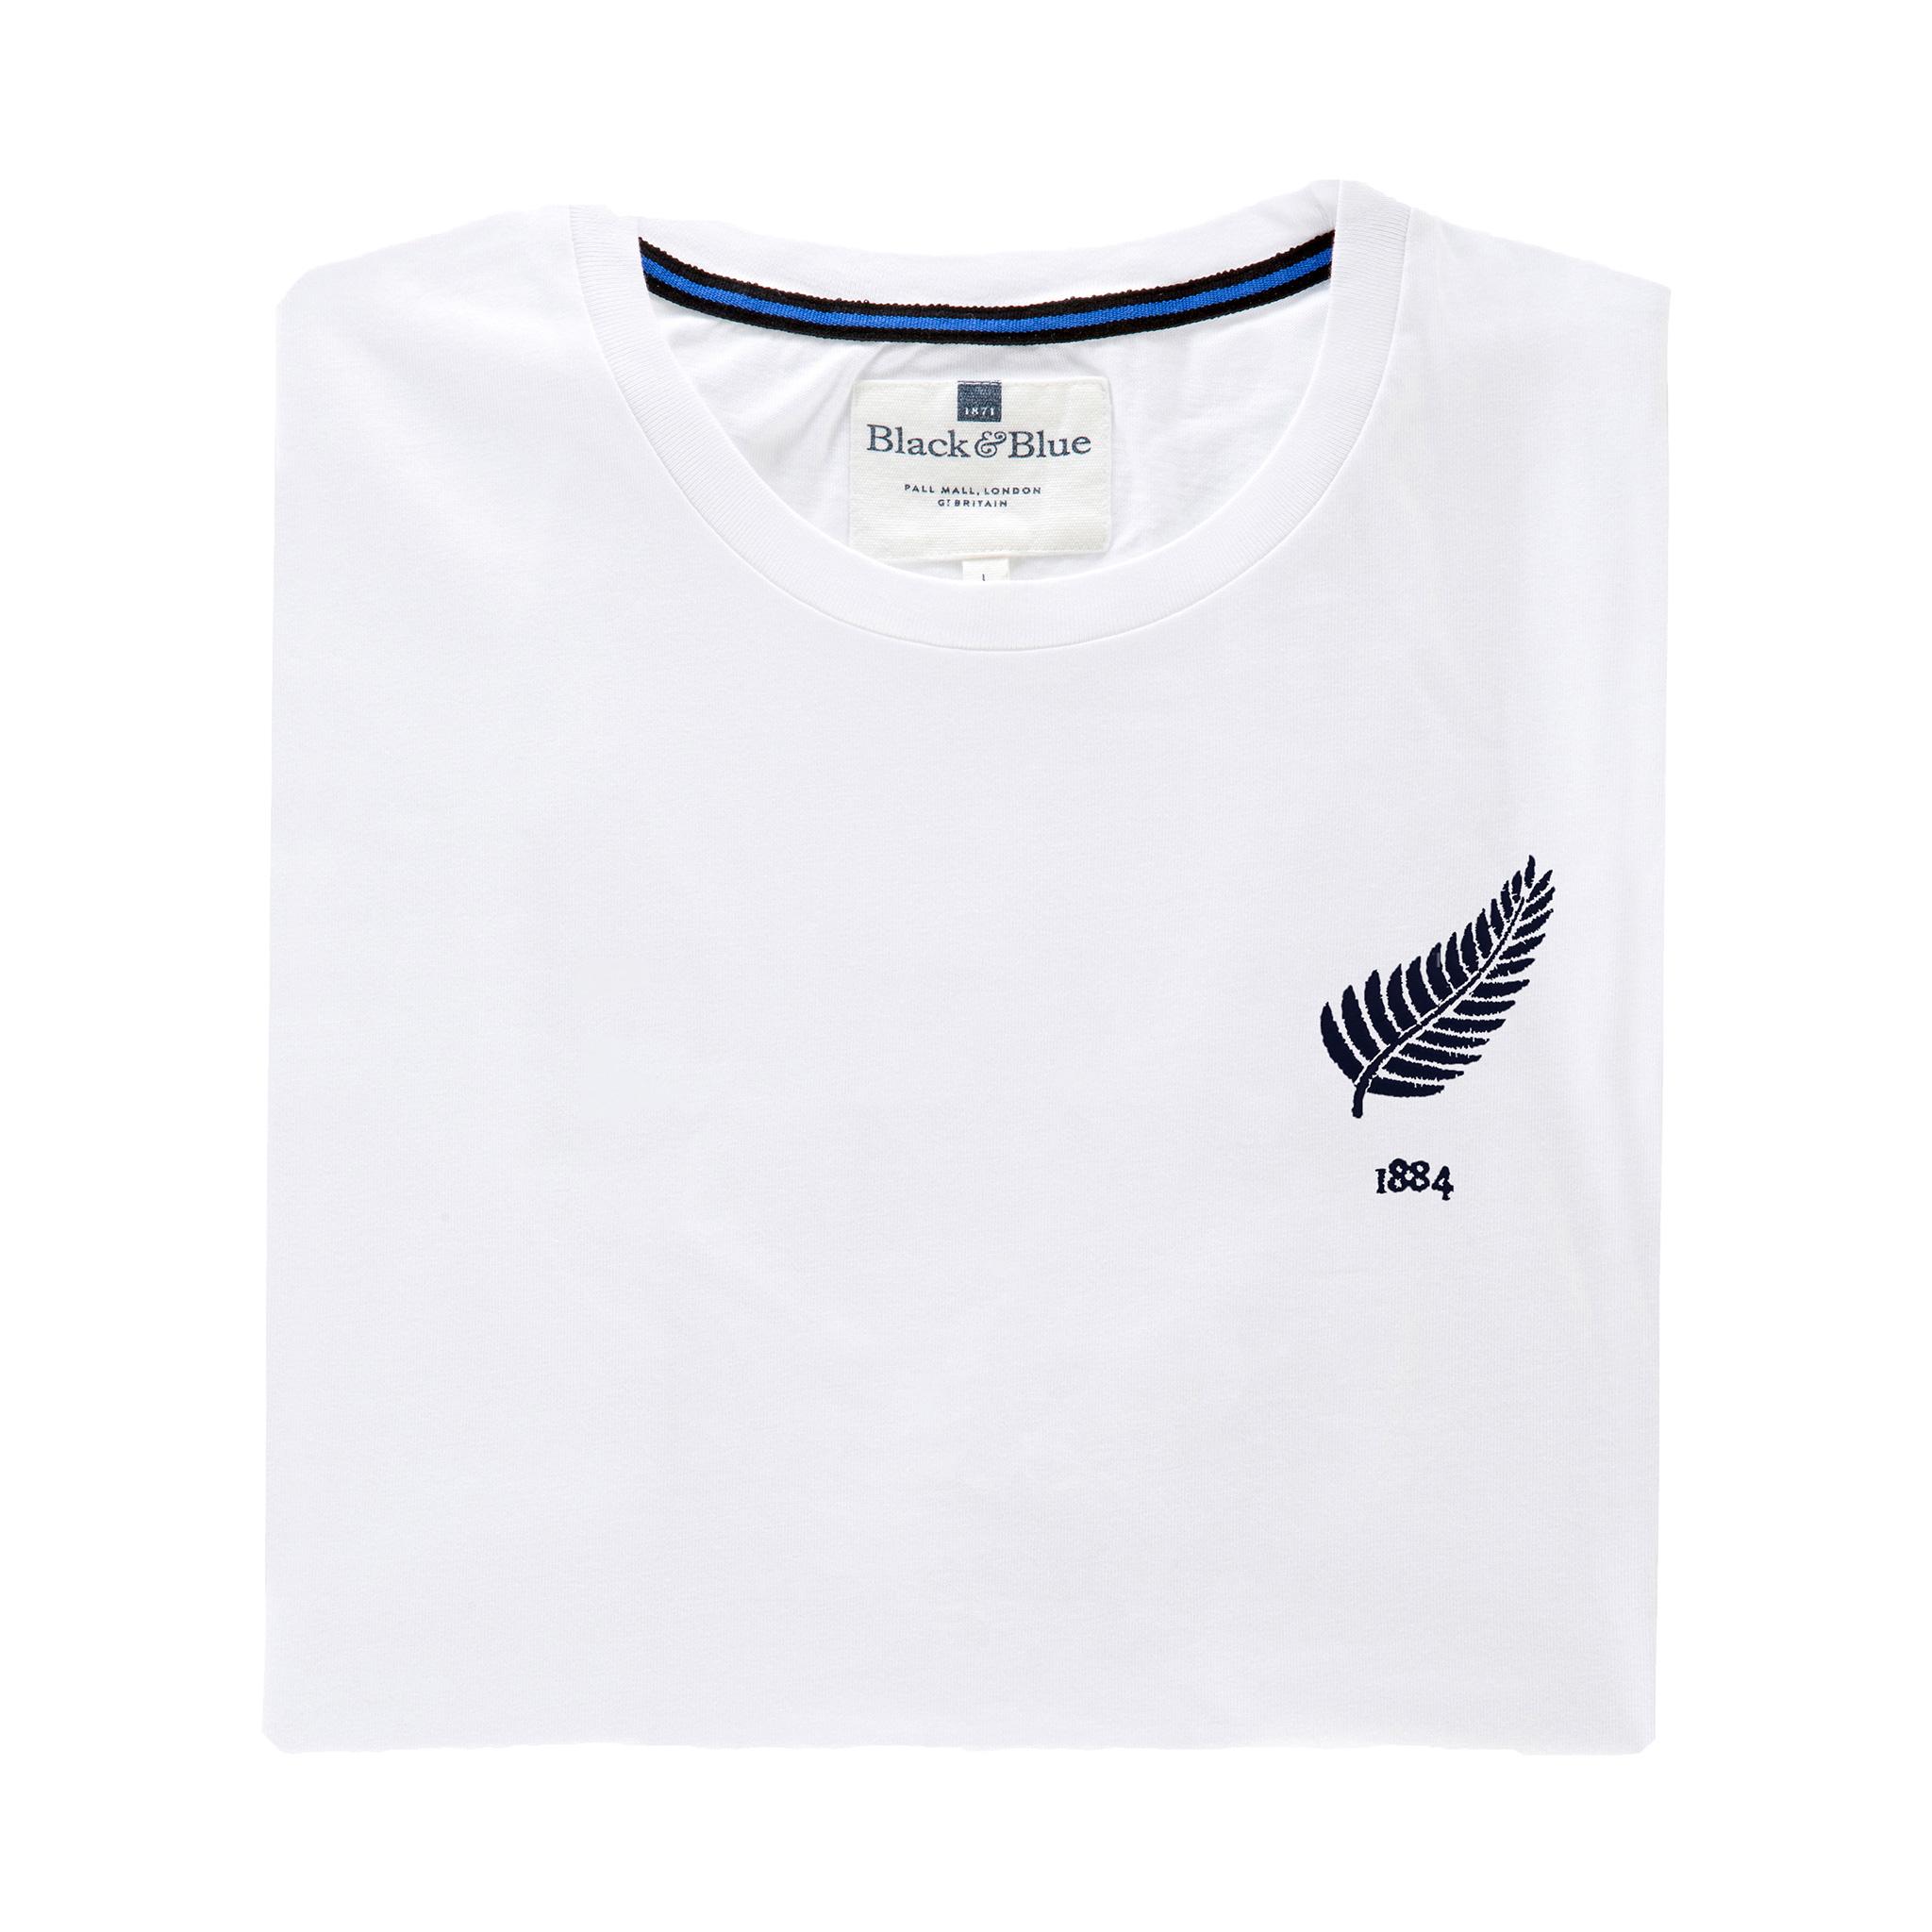 New Zealand White Tshirt_Folded